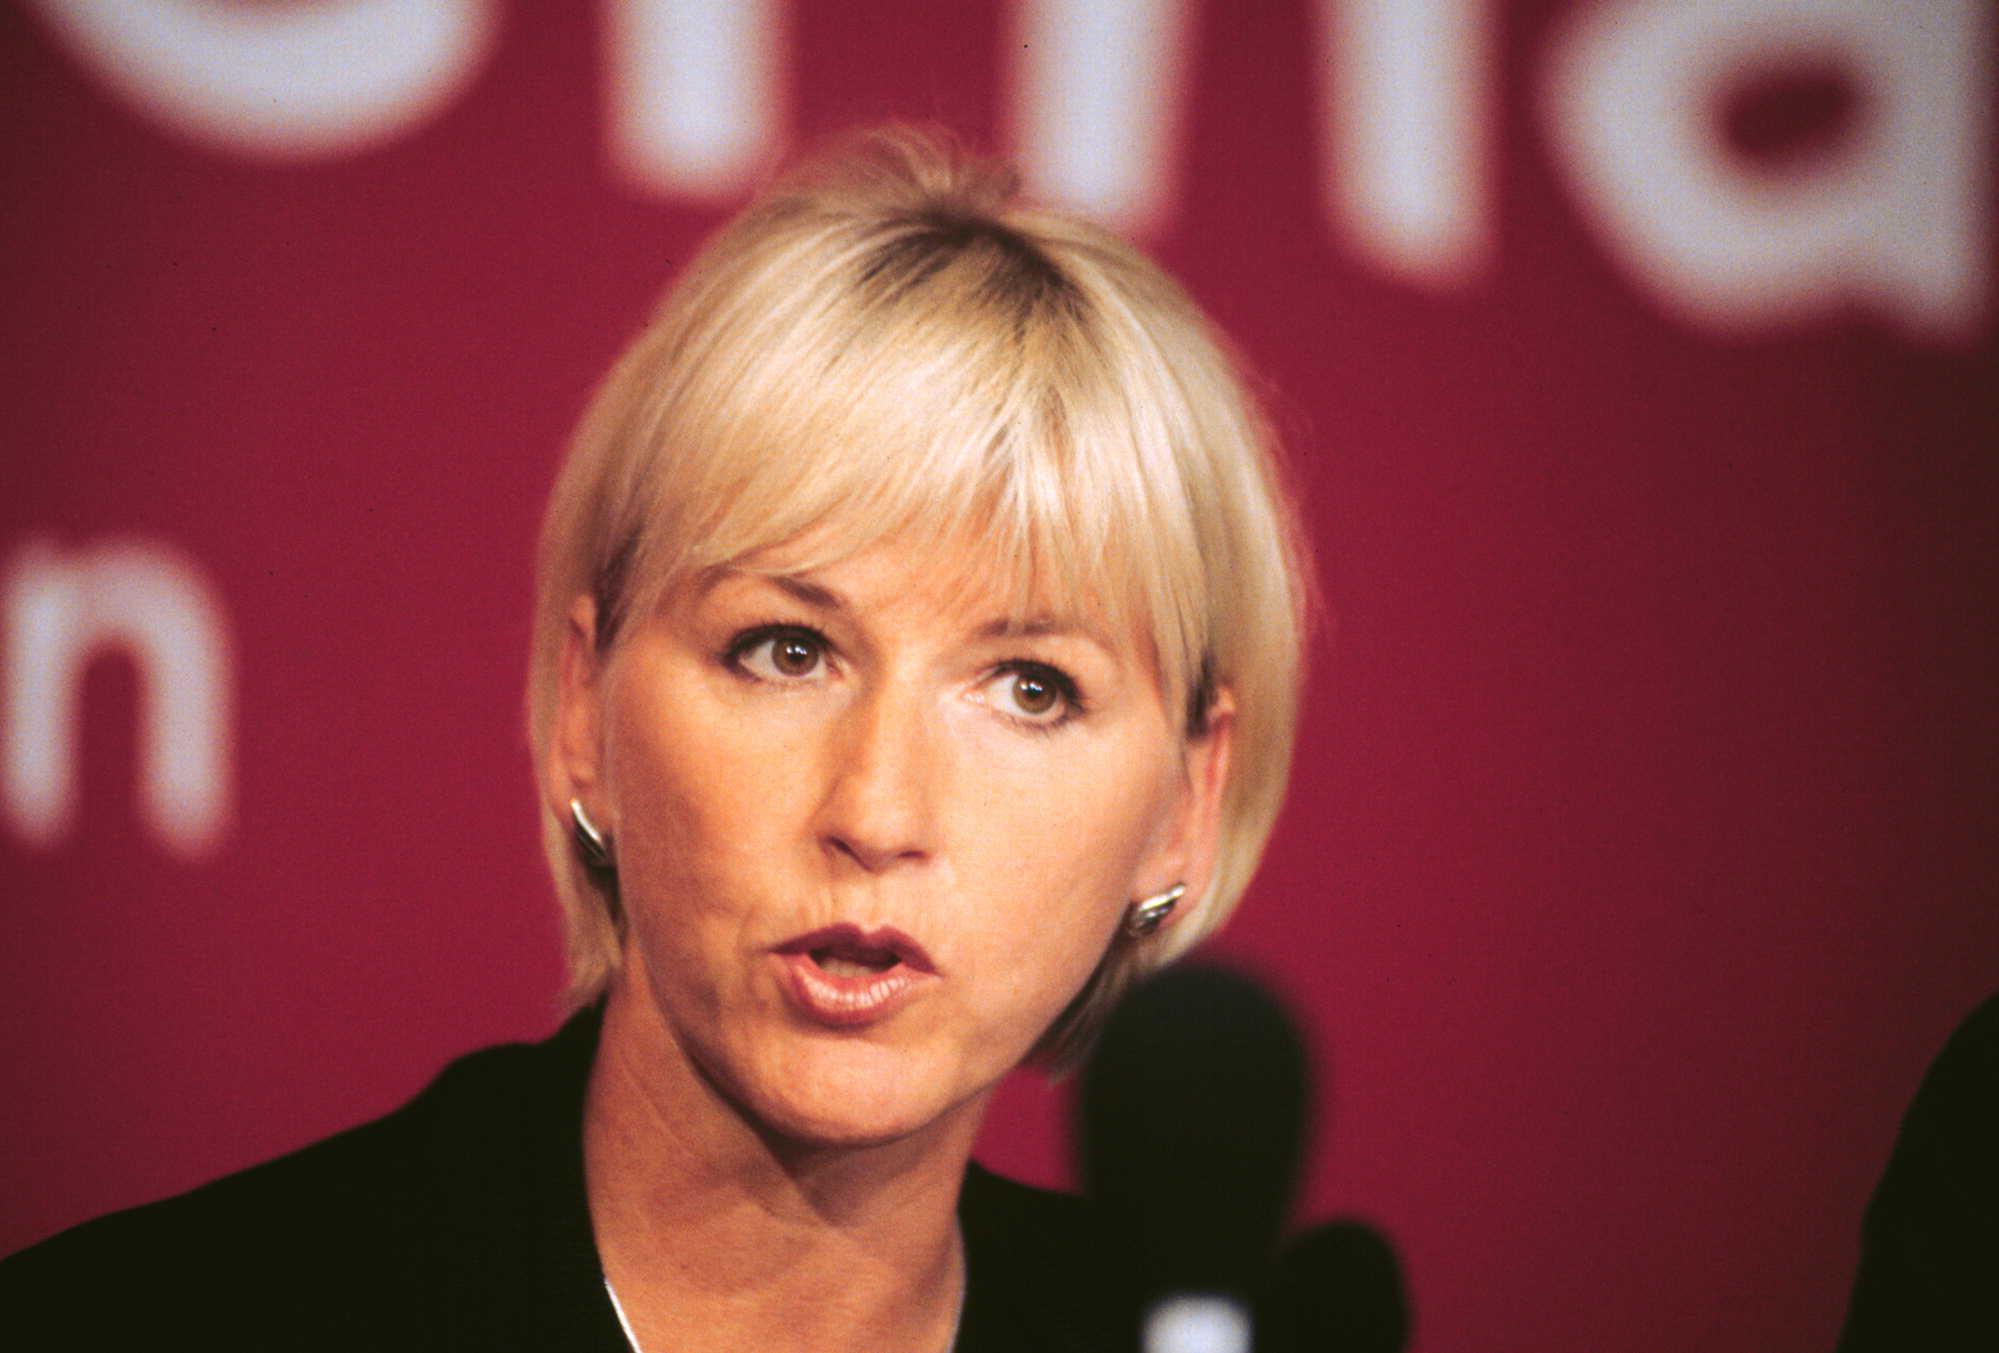 La ministra degli esteri svedese Margot Wallstrom